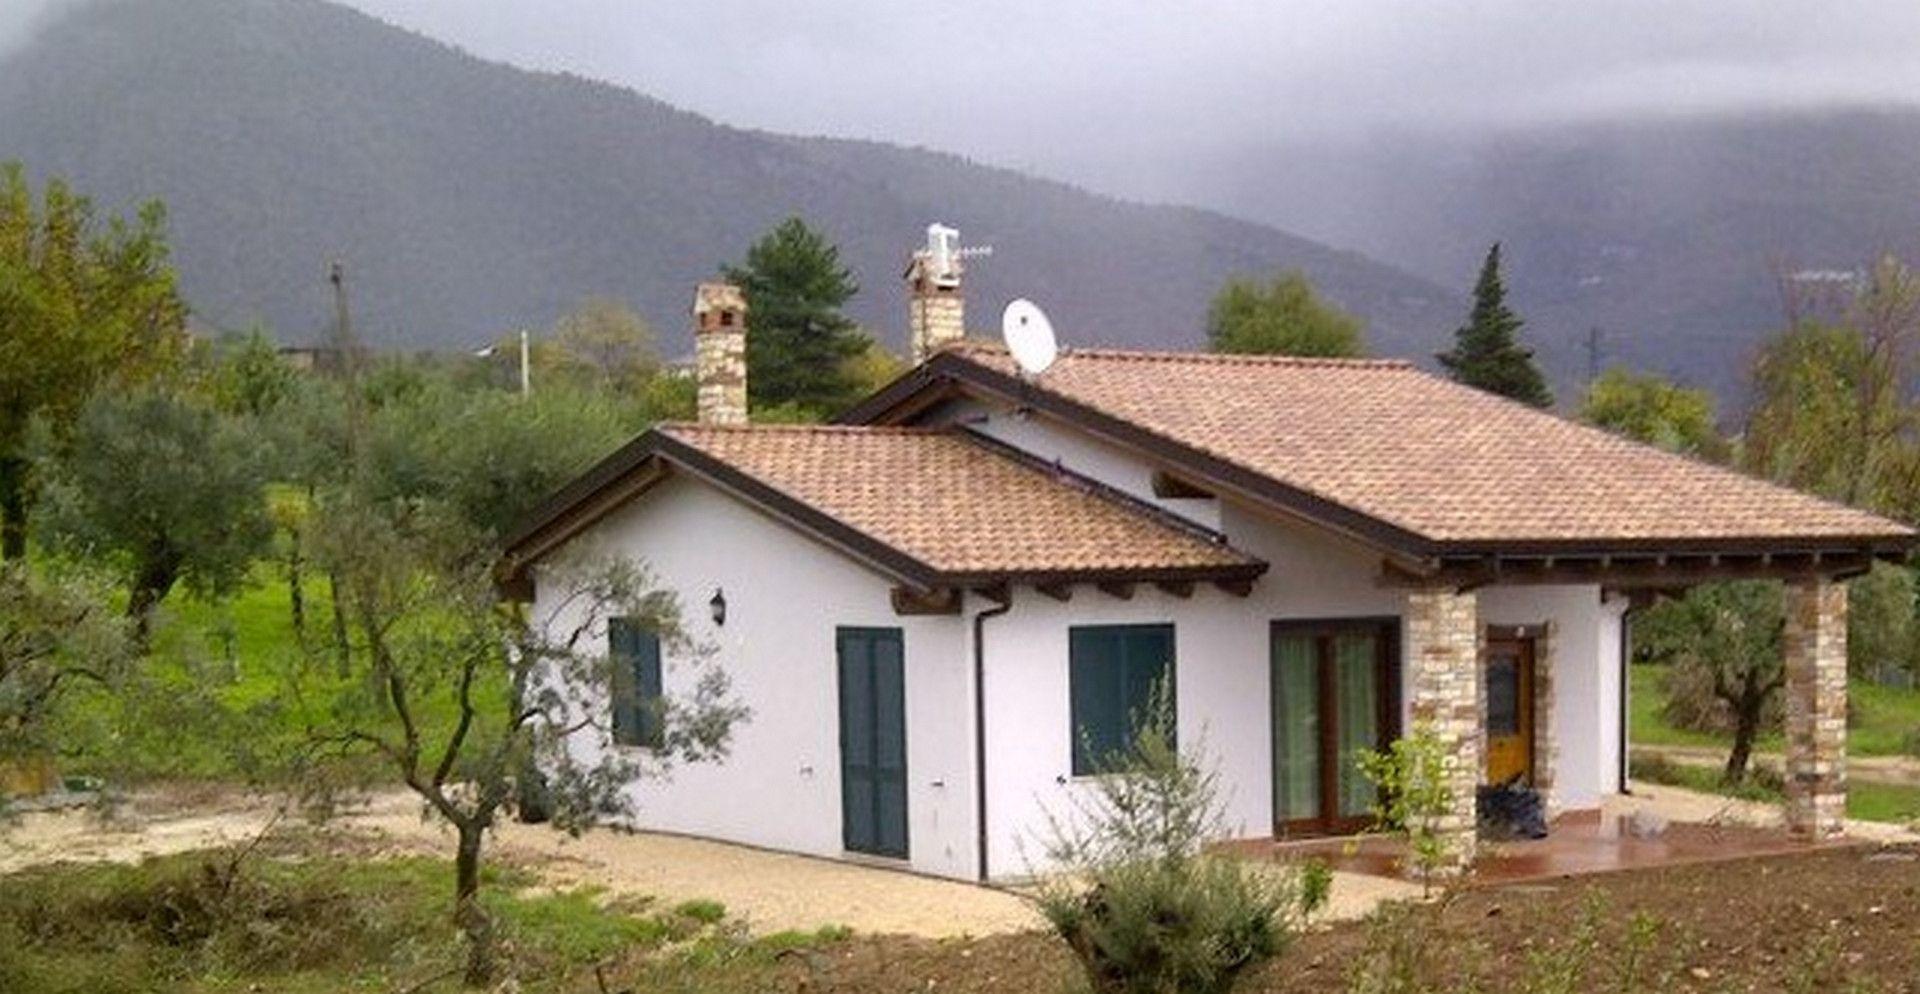 Villetta familiare 120 mq alife ce case in legno for Casa in legno 100 mq